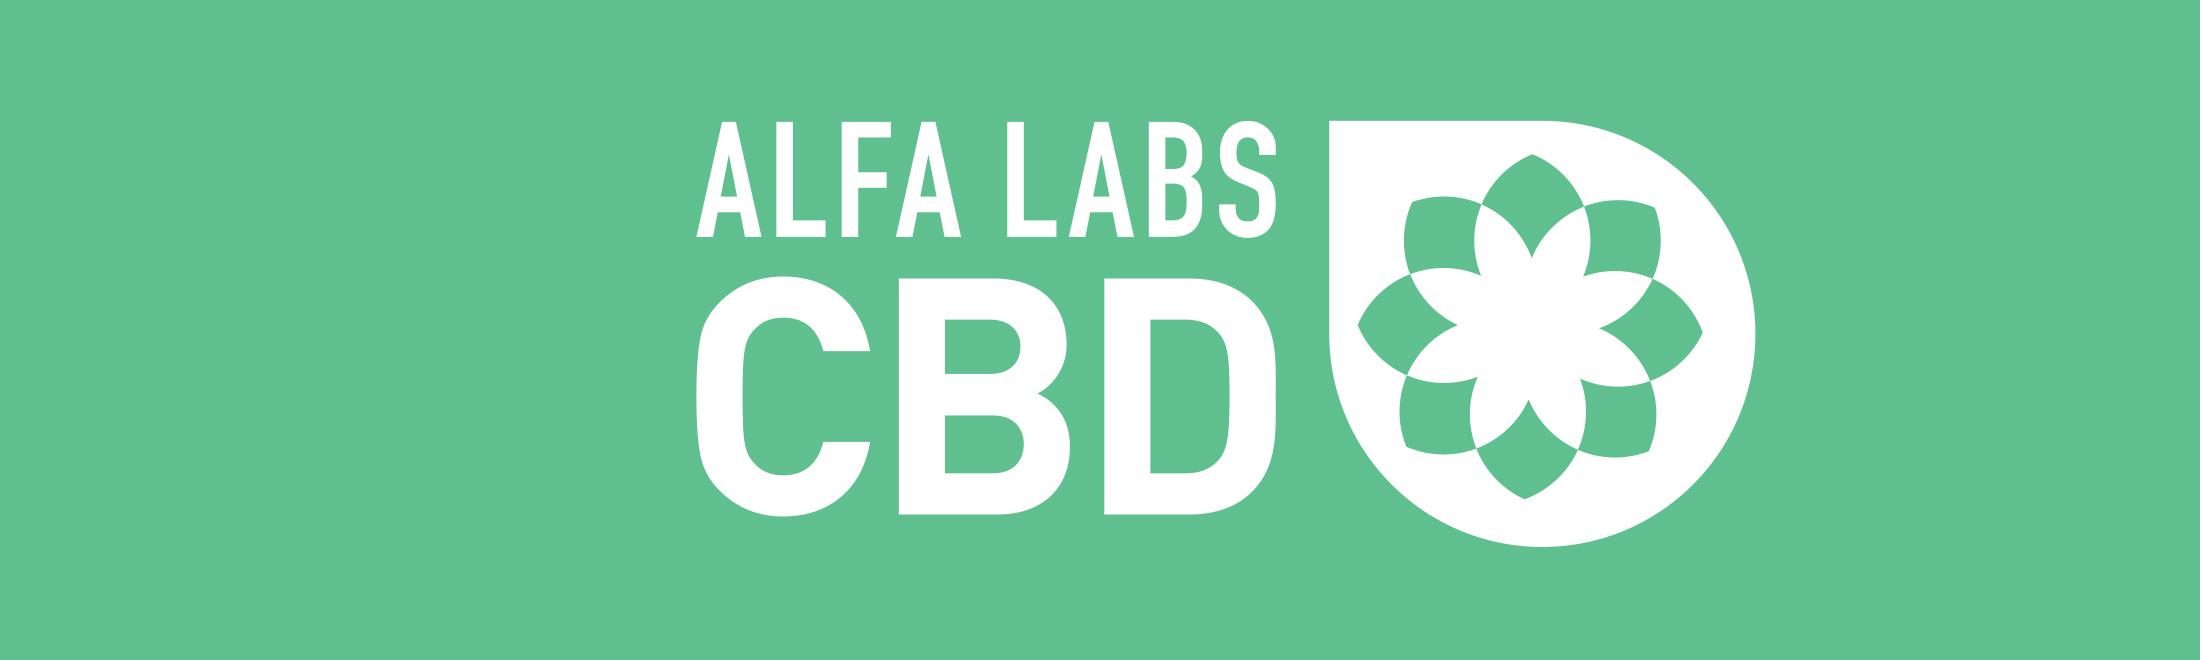 alfa-web-cbd.jpg